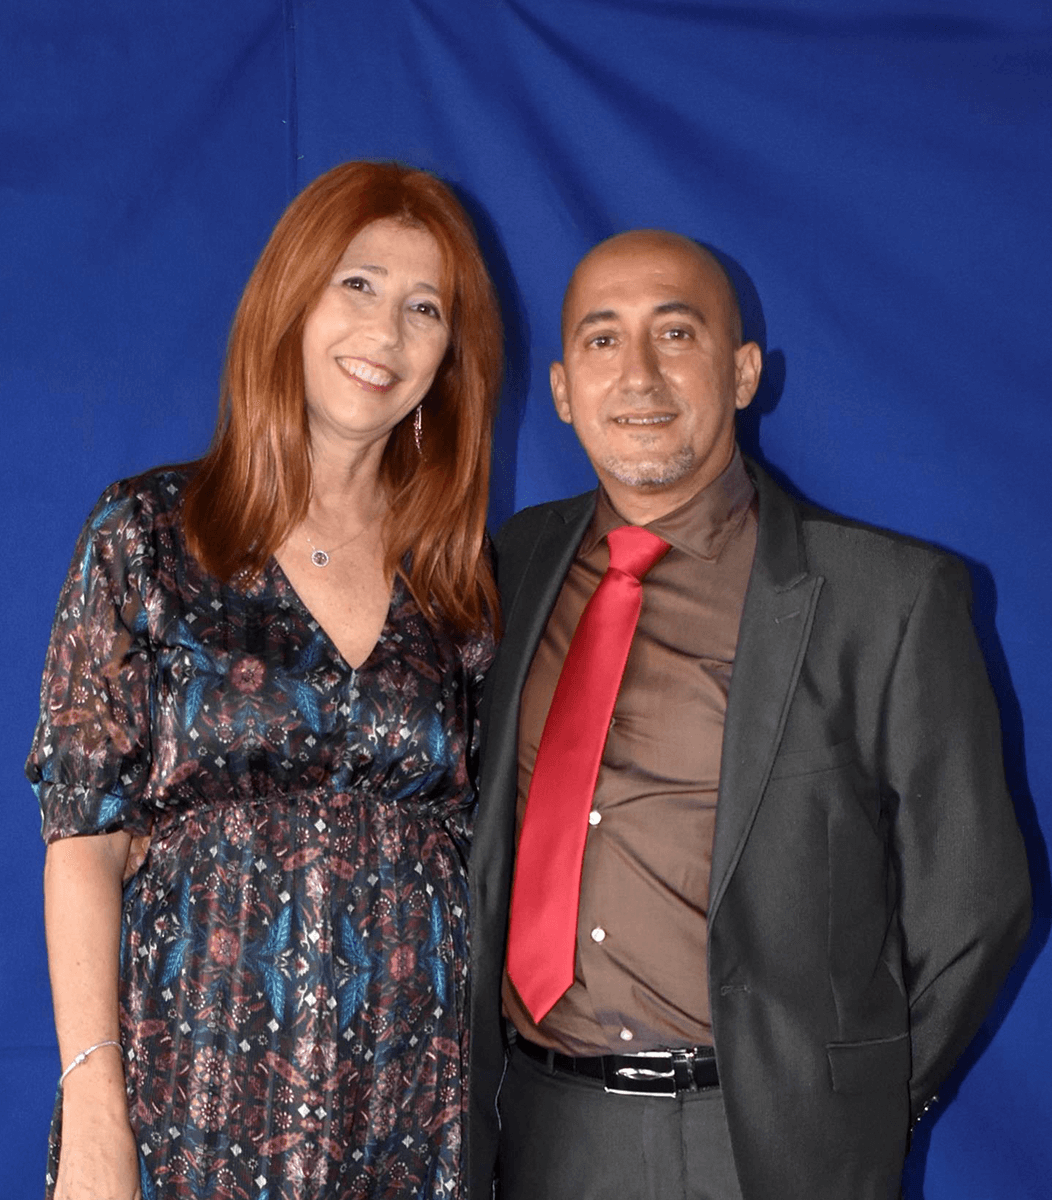 Miguel Ángel Chaparro y Loli Alcaraz | Centro de Vida Cristiana